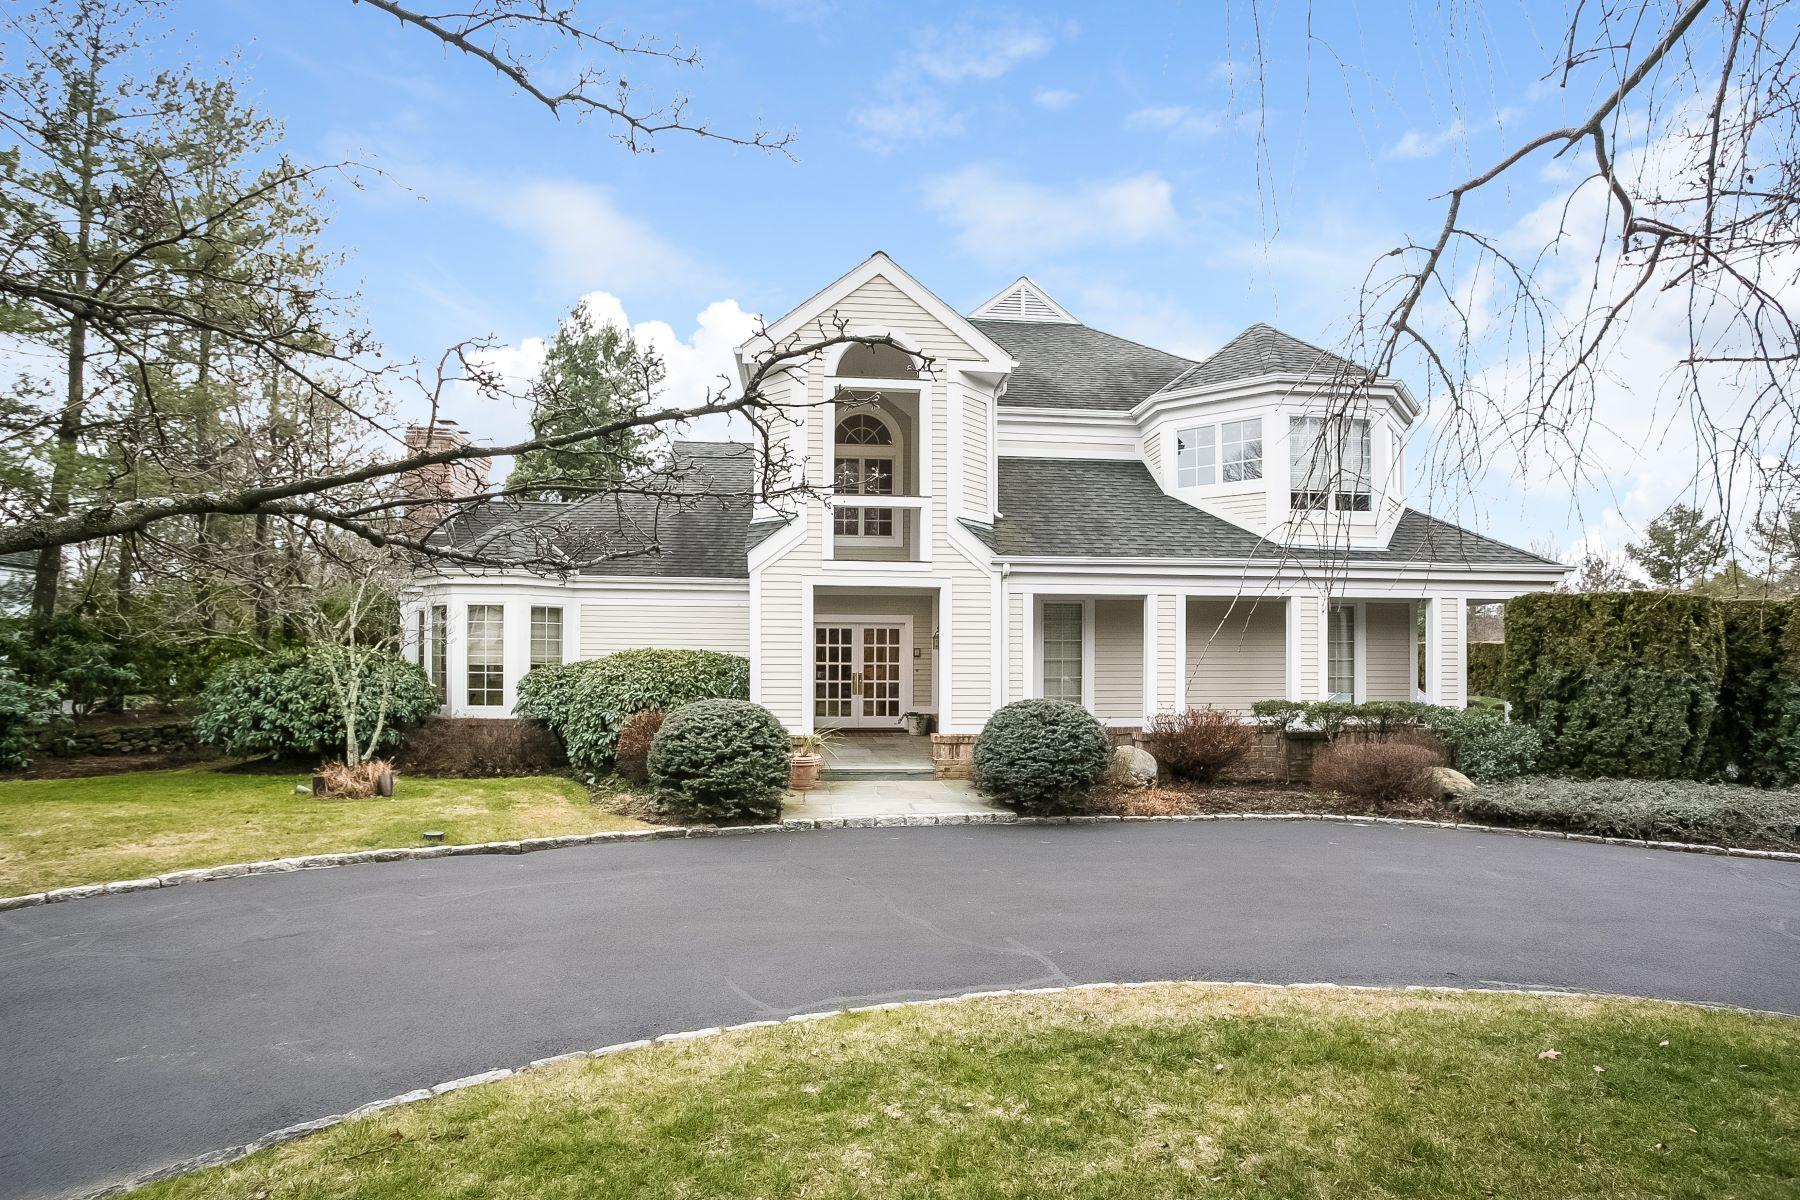 Частный односемейный дом для того Продажа на 9 Linden Drive Purchase, Нью-Йорк, 10577 Соединенные Штаты